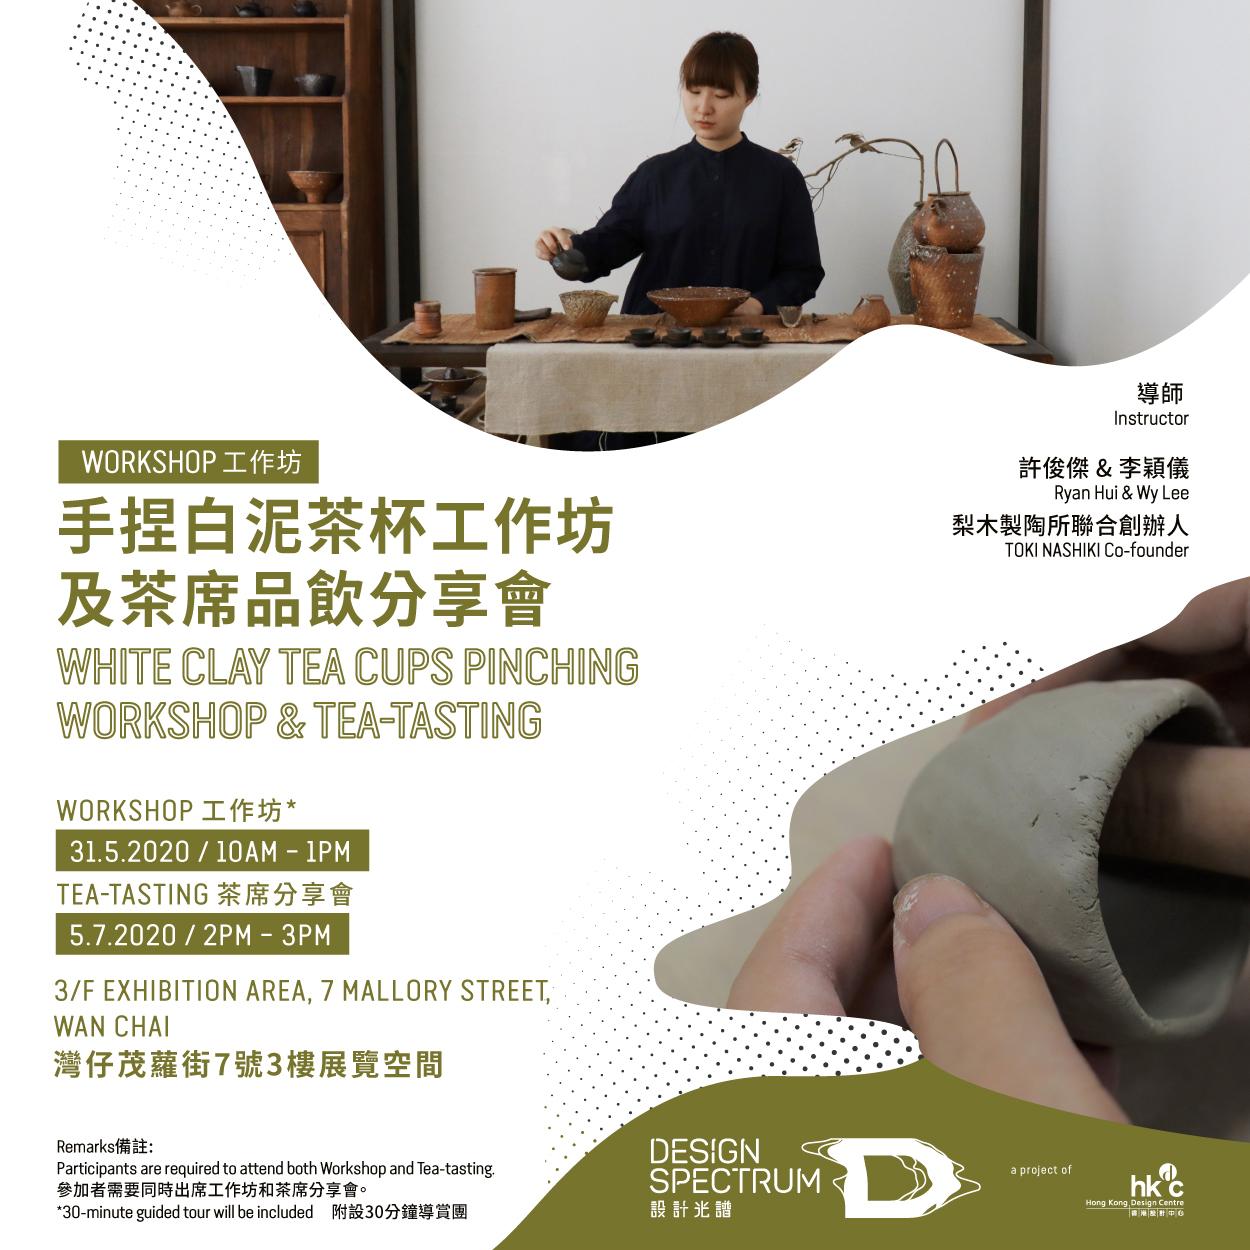 Design Spectrumwhite_clay_workshop